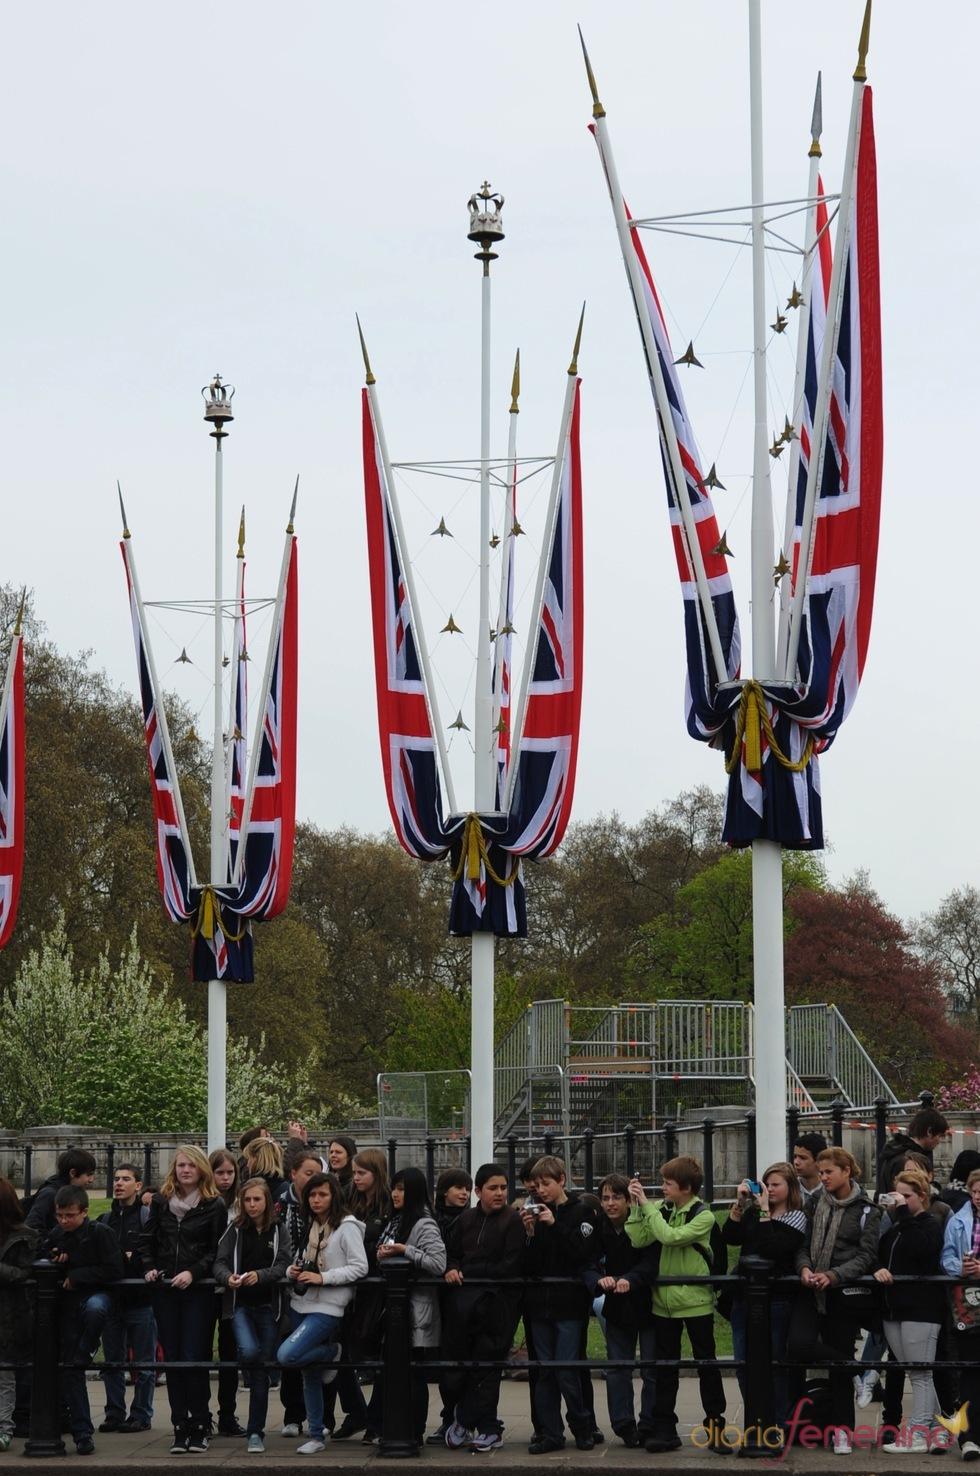 Banderas decorativas para la boda real entre el Príncipe Guillermo y Kate Middleton